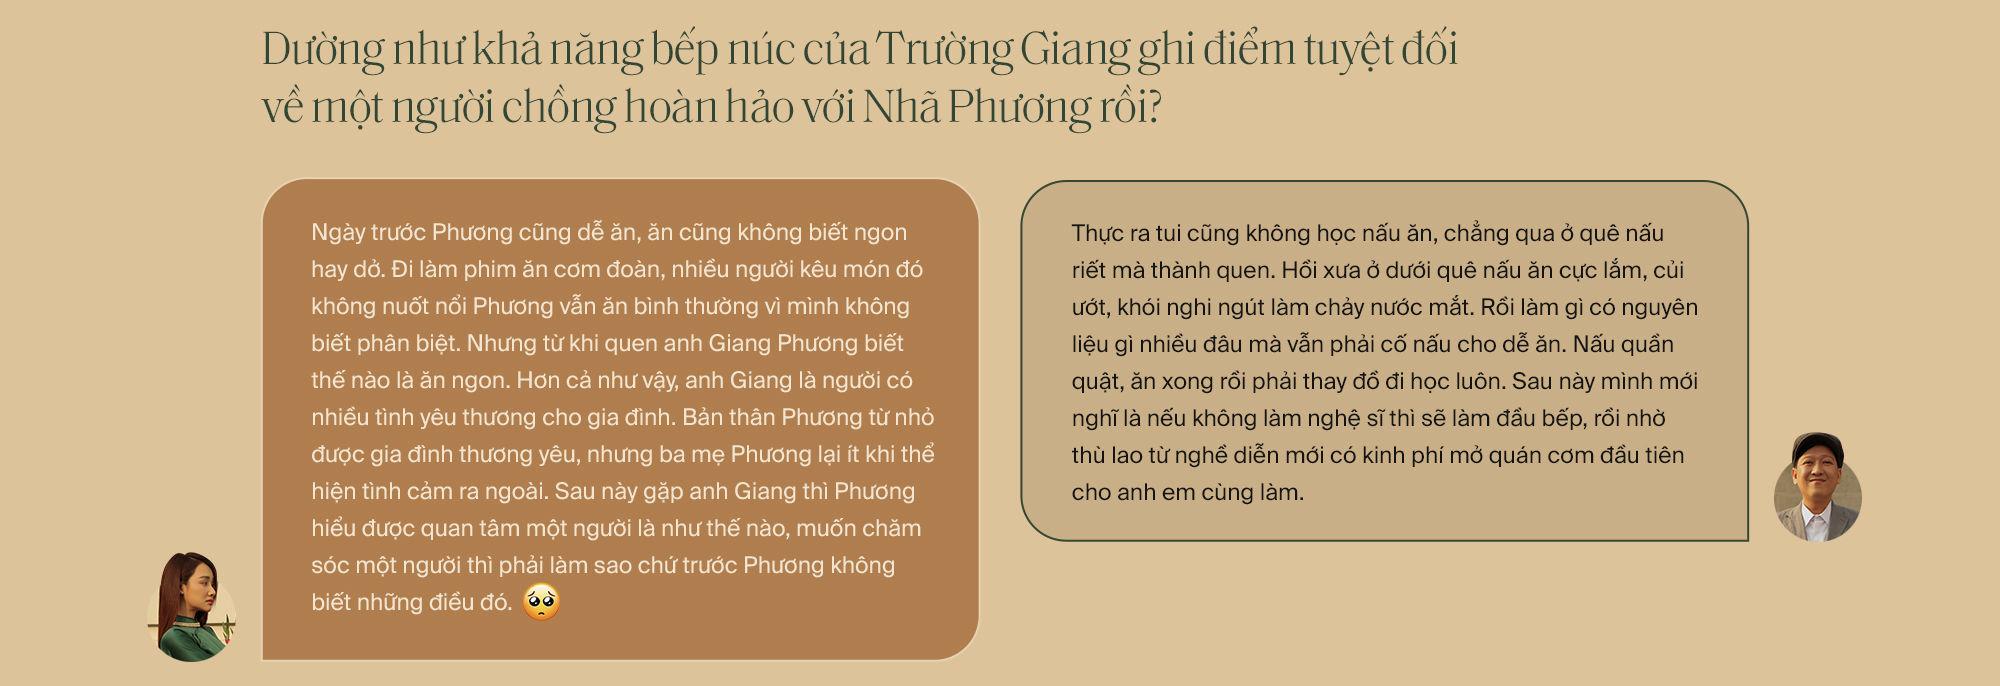 """Lần đầu tiên kể từ khi yêu nhau, Trường Giang - Nhã Phương cùng trả lời phỏng vấn: """"Vợ tui sướng nhất quận Phú Nhuận luôn"""" - Ảnh 15."""